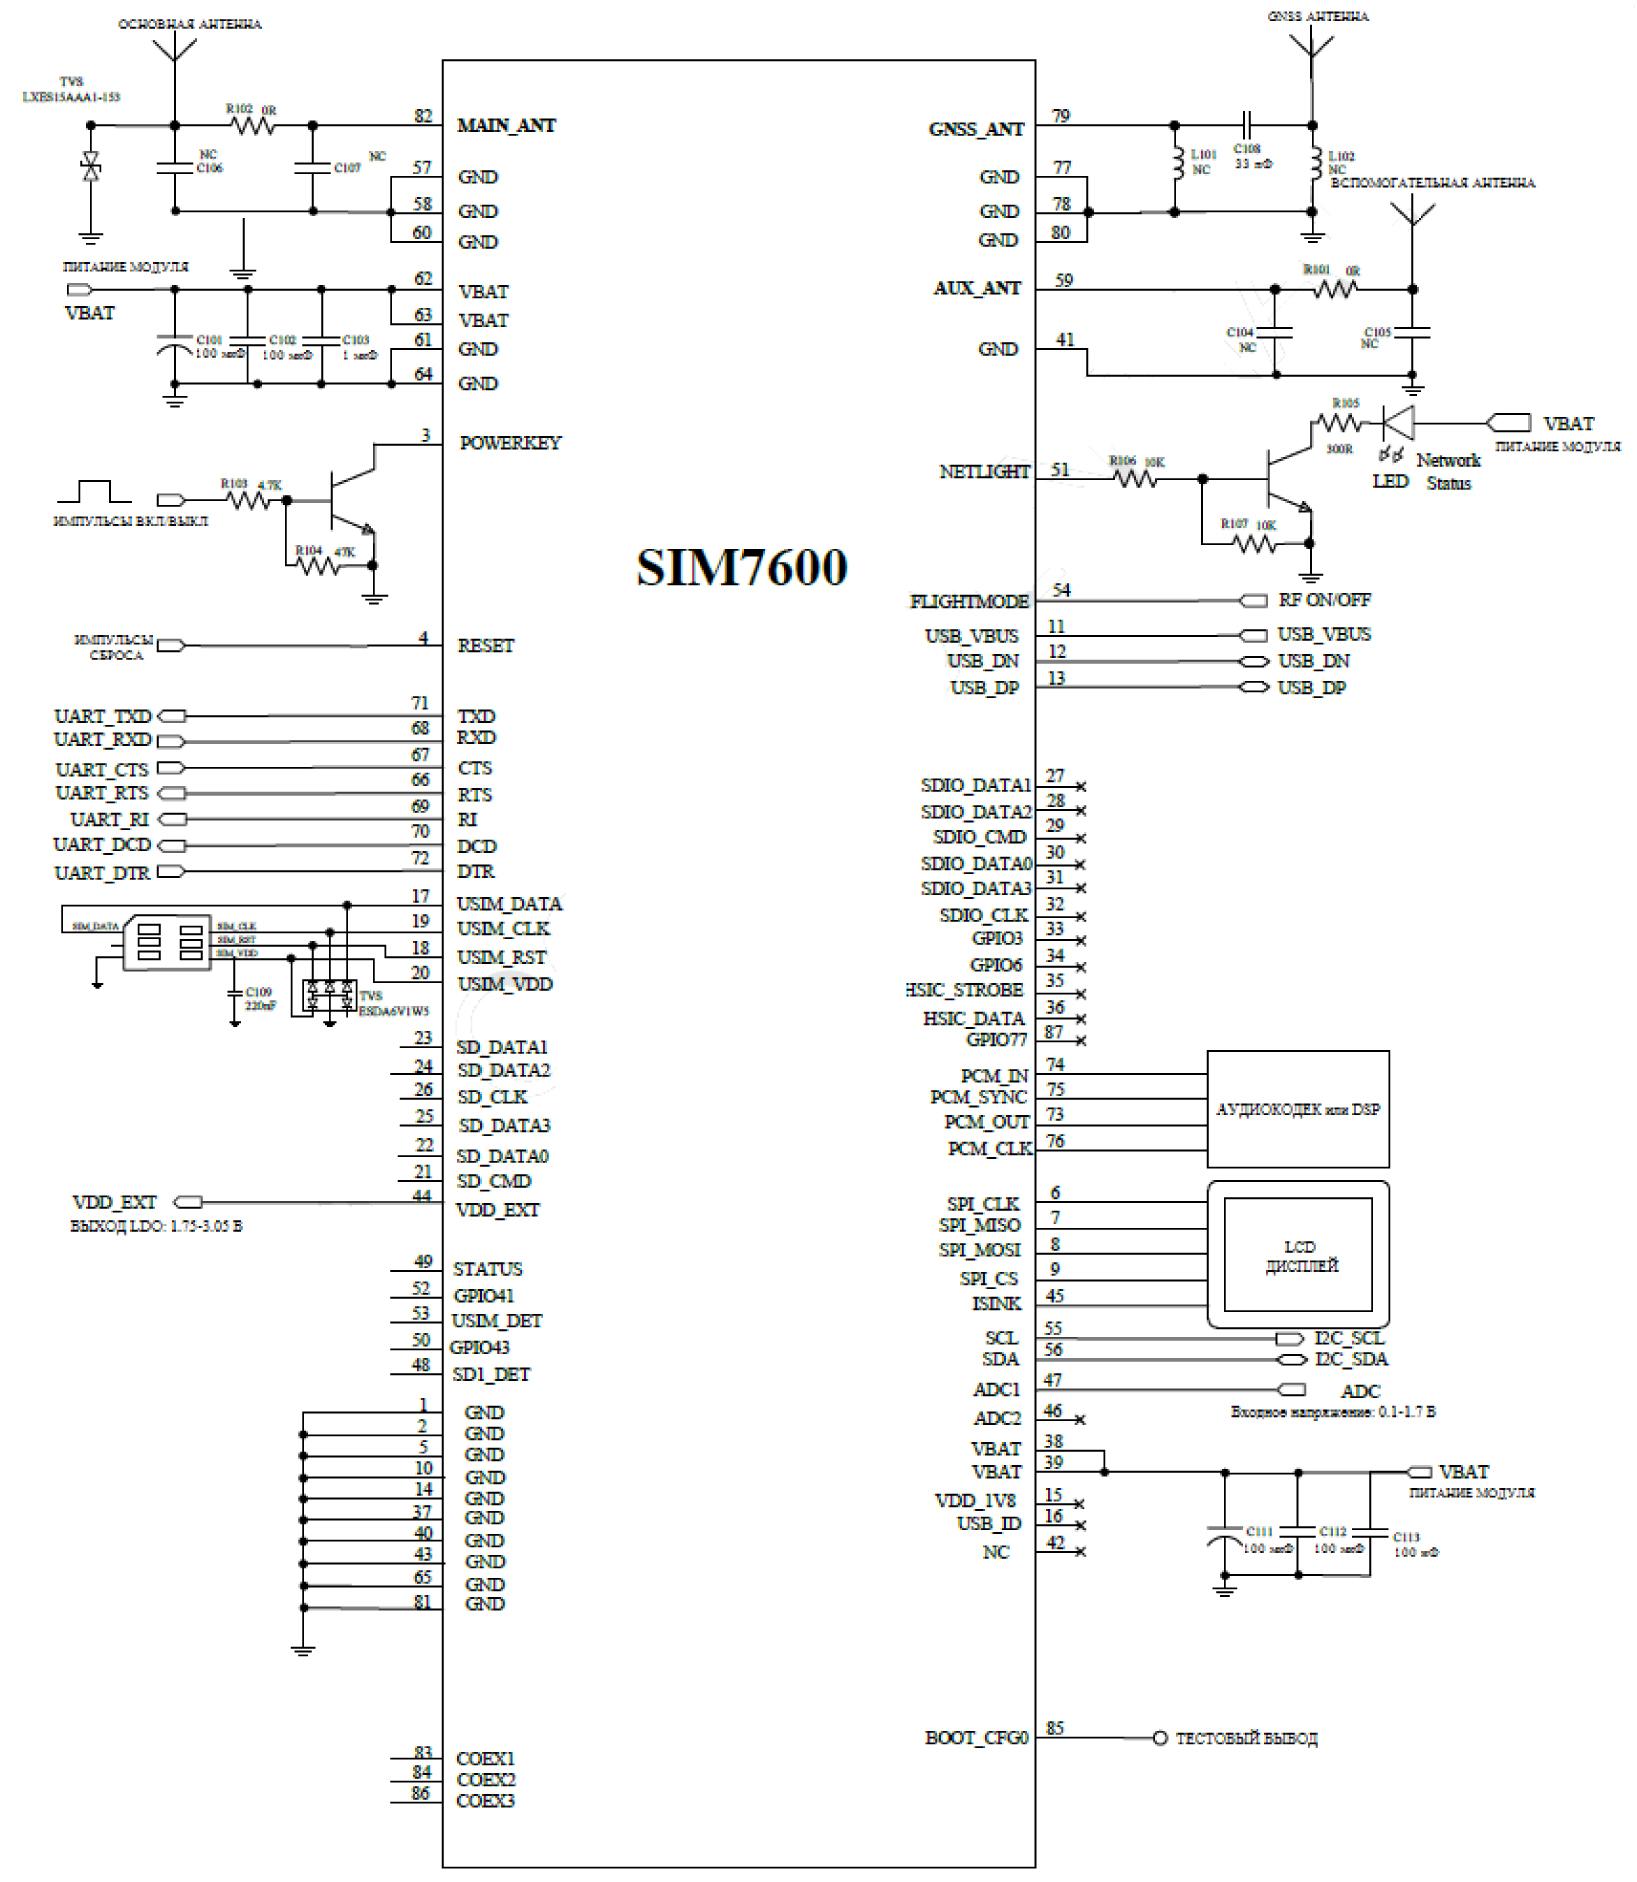 Обобщенная структурная схема подключения SIM7600E и периферийных устройств